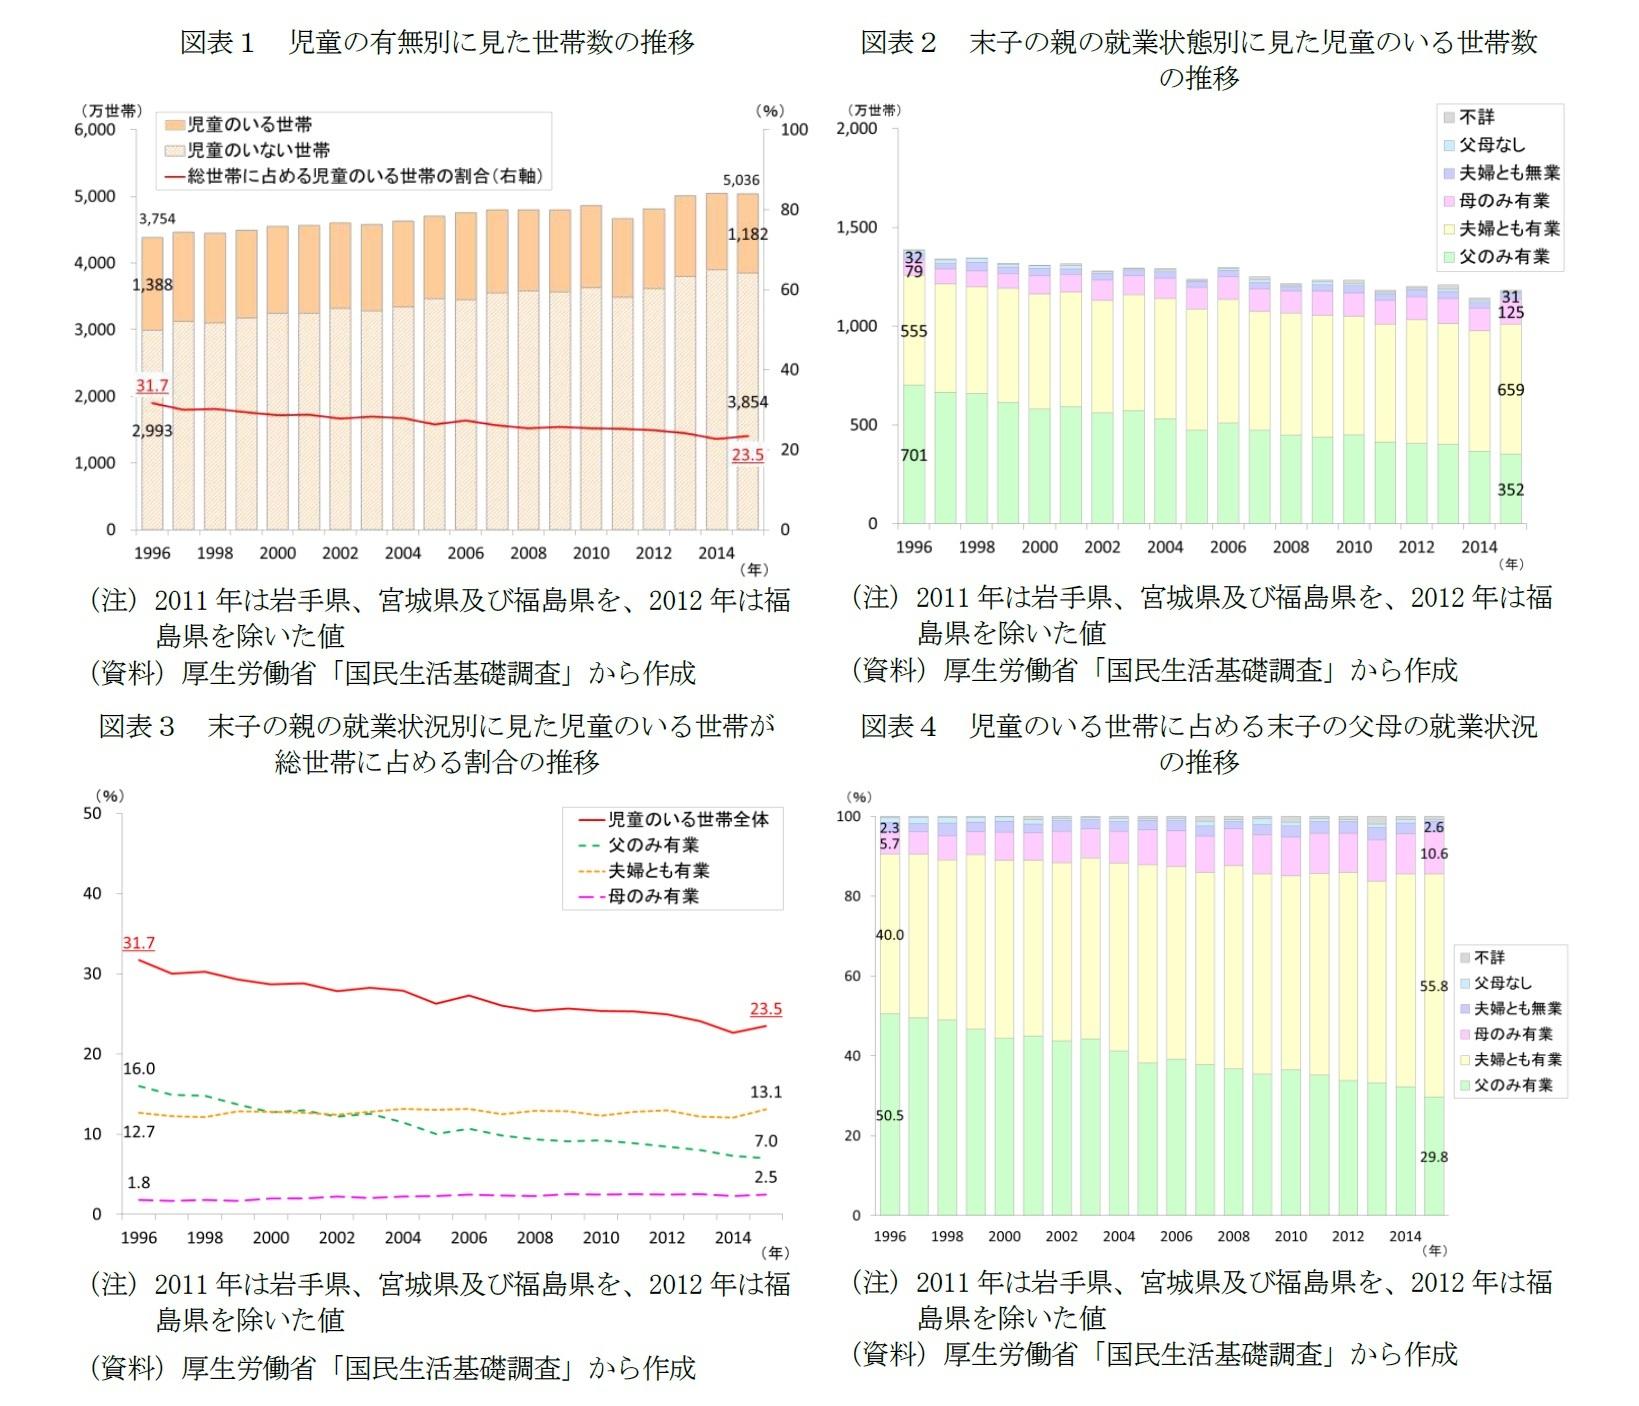 世帯 日本 は の 数